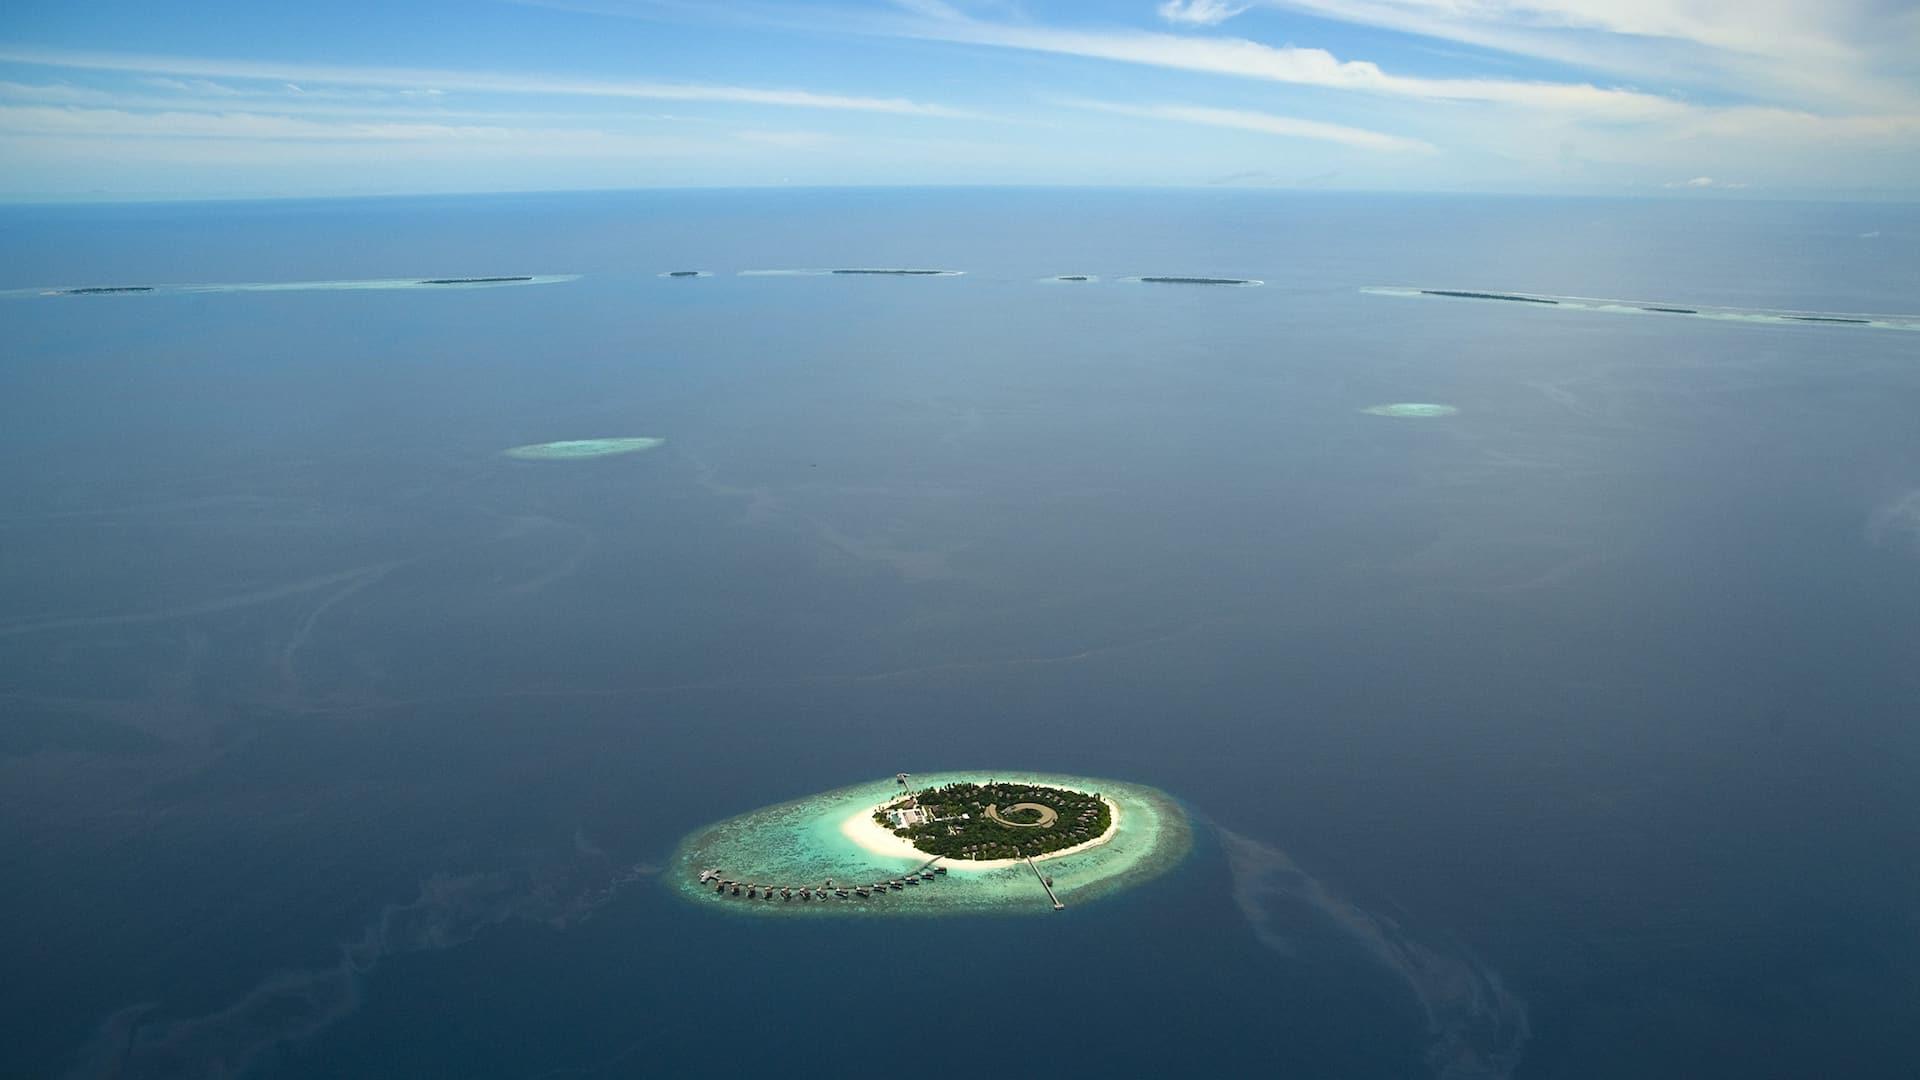 Park Hyatt Maldives aerial